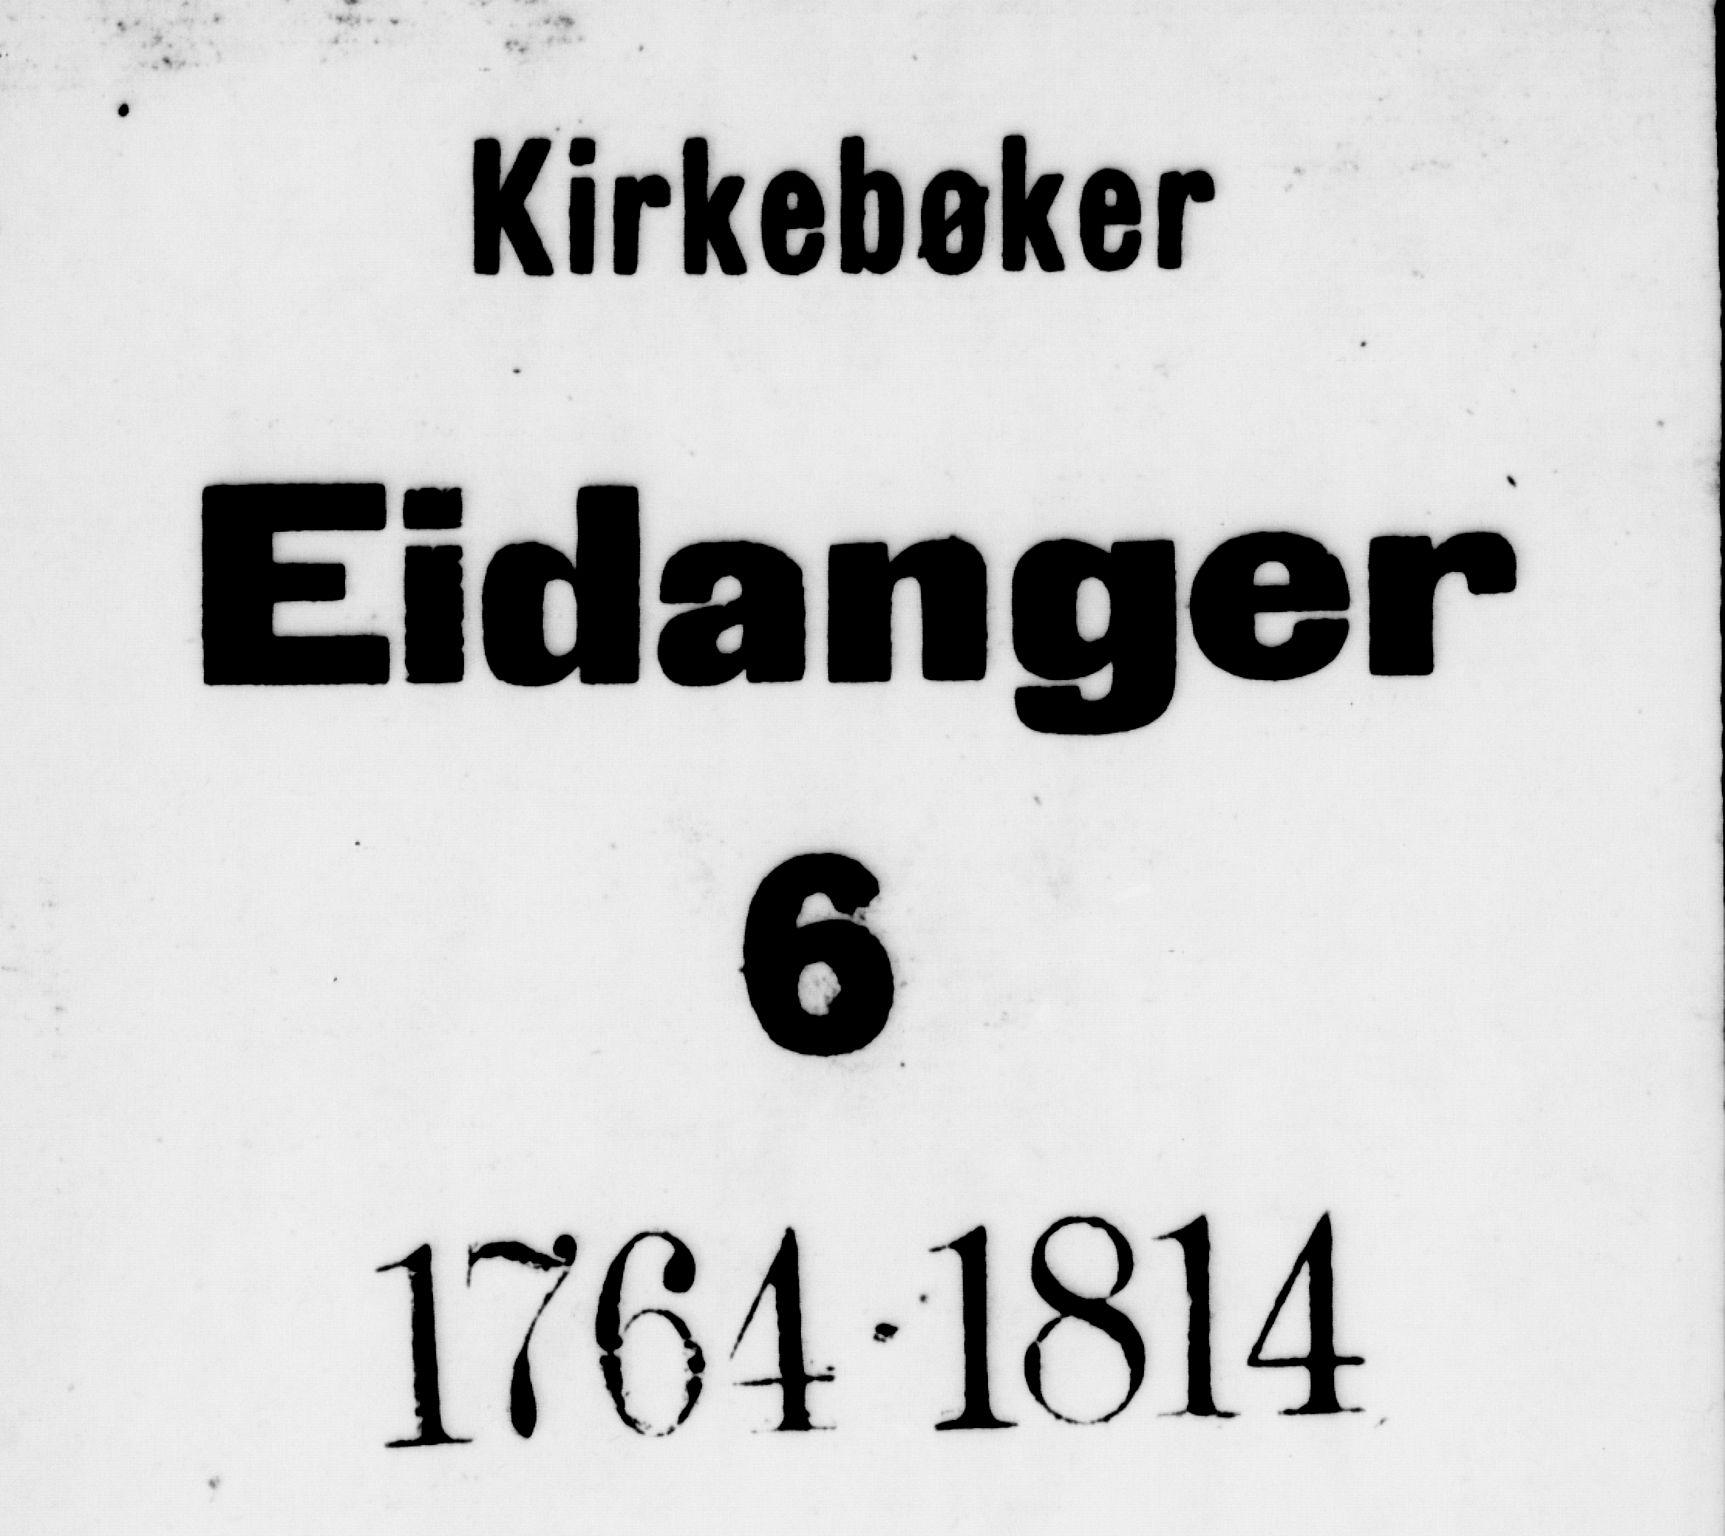 SAKO, Eidanger kirkebøker, F/Fa/L0006: Ministerialbok nr. 6, 1764-1814